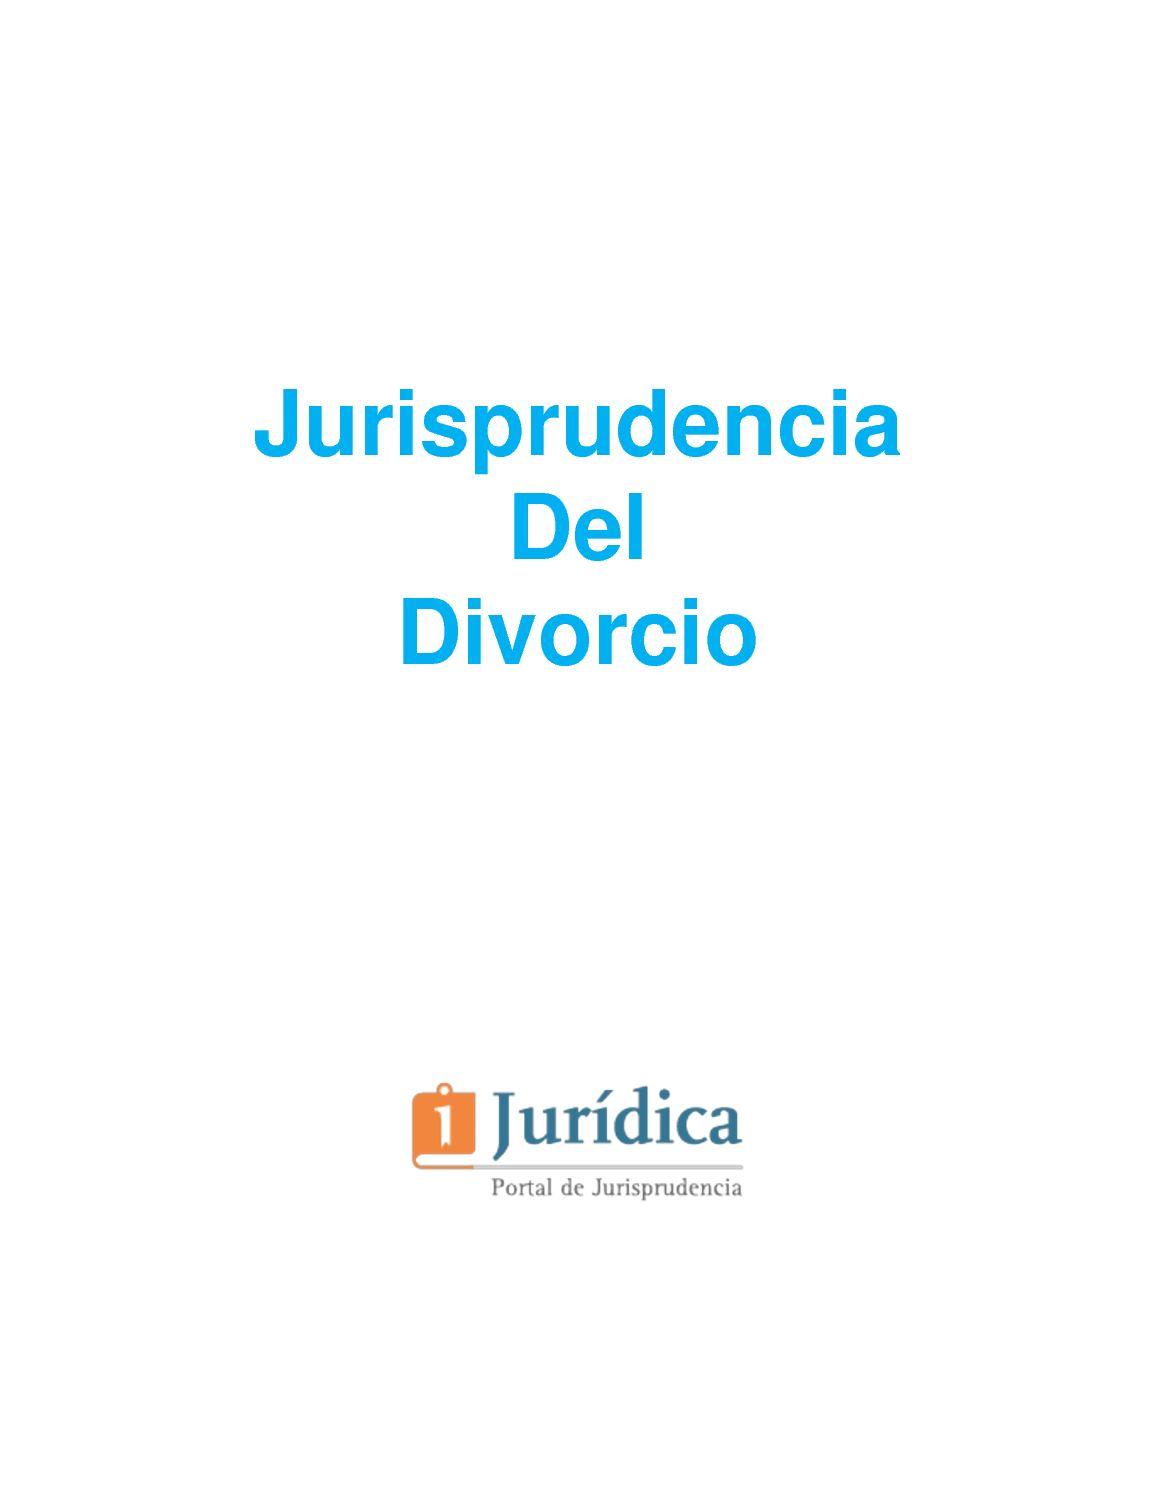 Jurisprudencia Del Divorcio